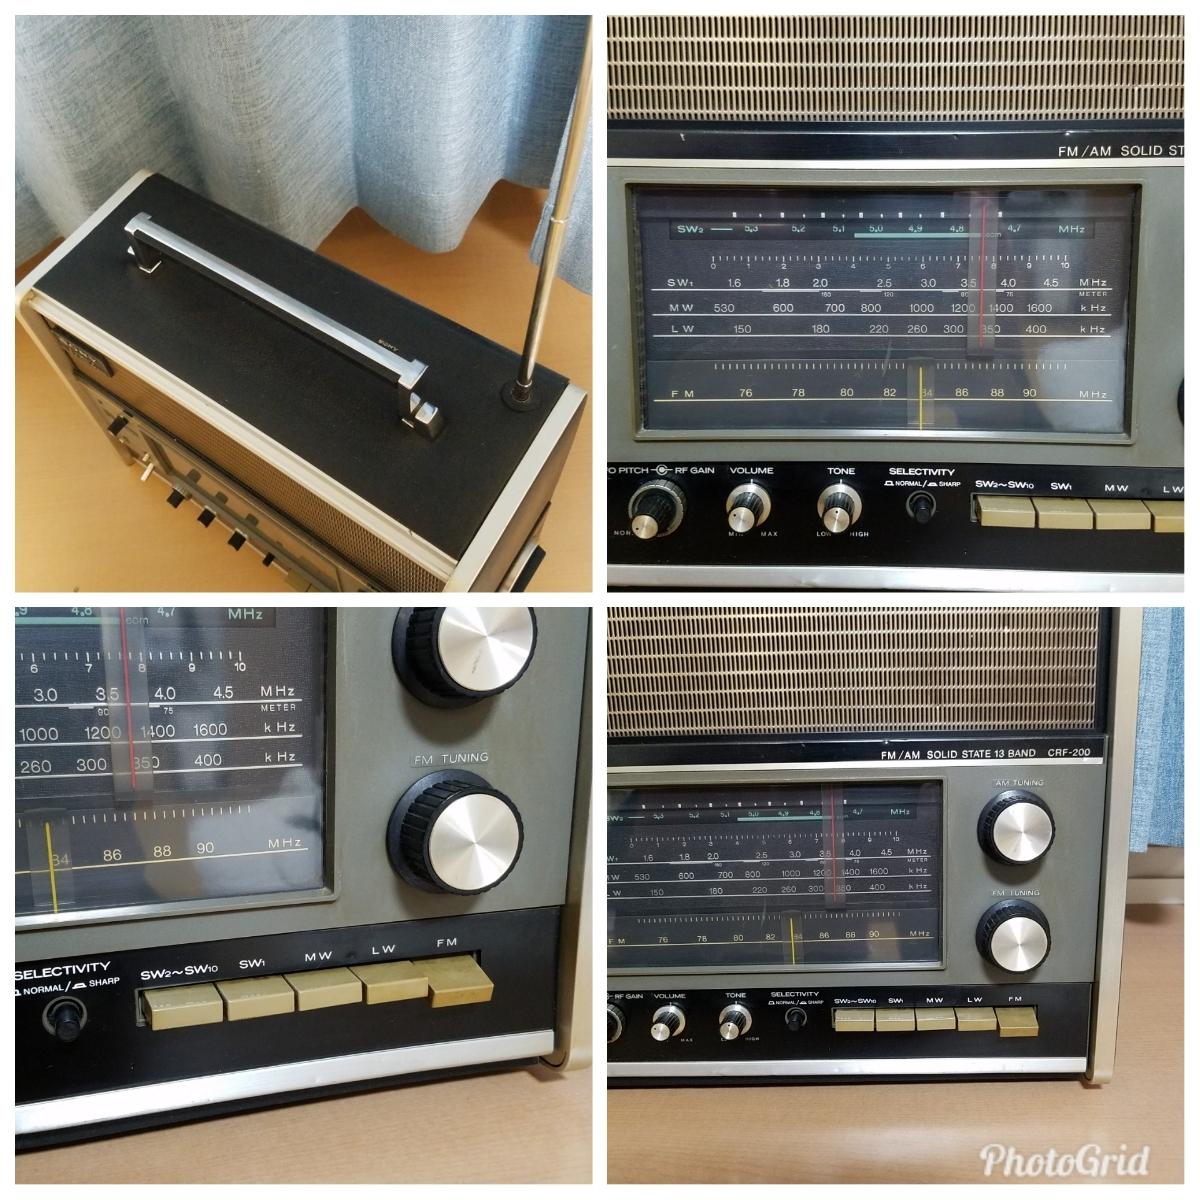 希少 SONY CRF-200 WORLDZONE13 ワールドゾーン 13 BAND RADIO アンティーク ラジオ 中古 簡易動作確認済_画像7